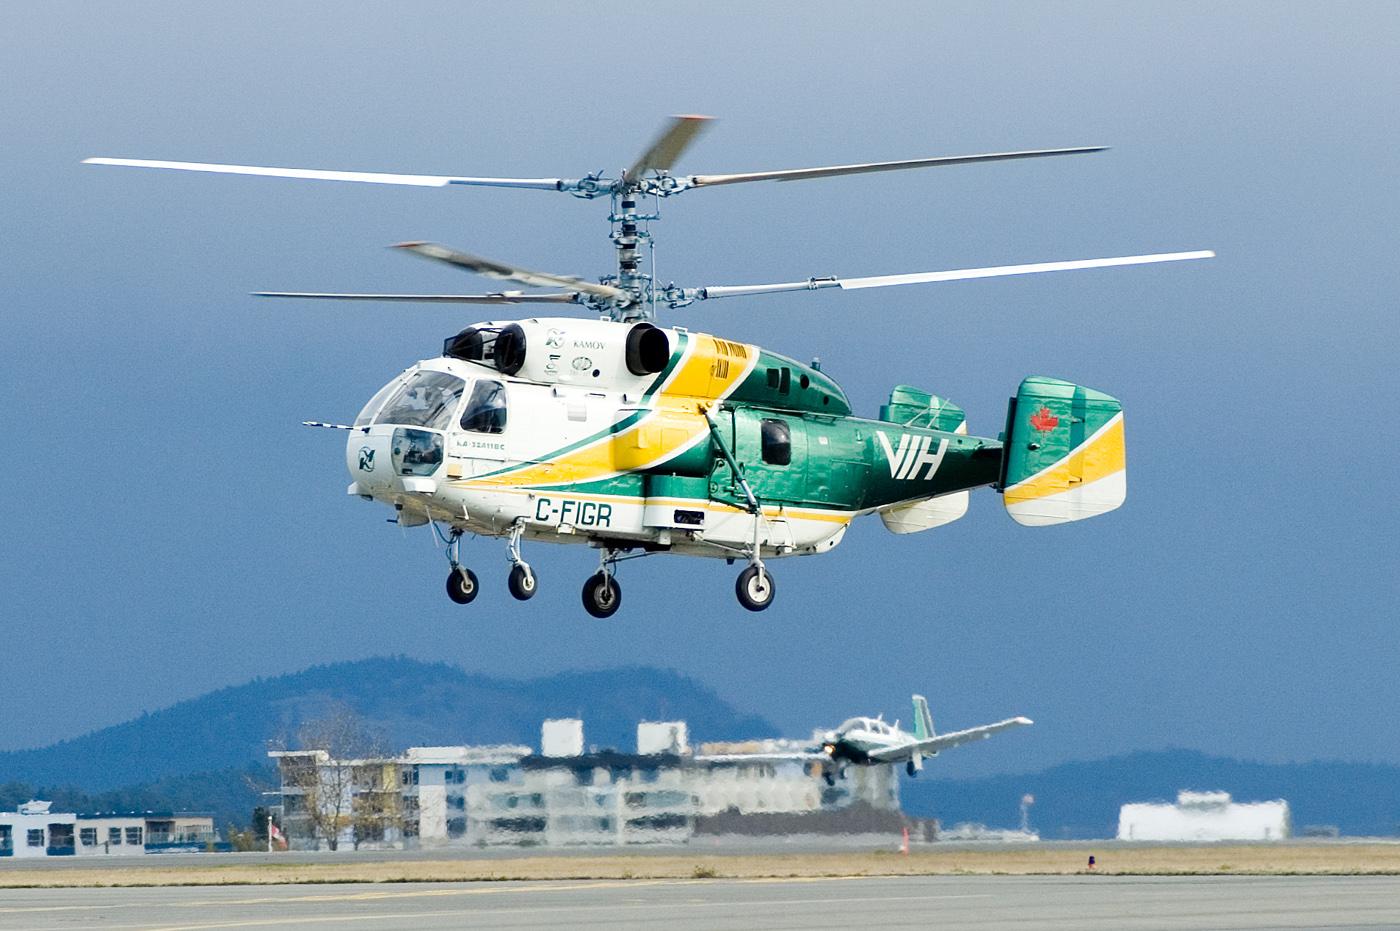 Пожарный вертолет Ка-32А. Южная Африка